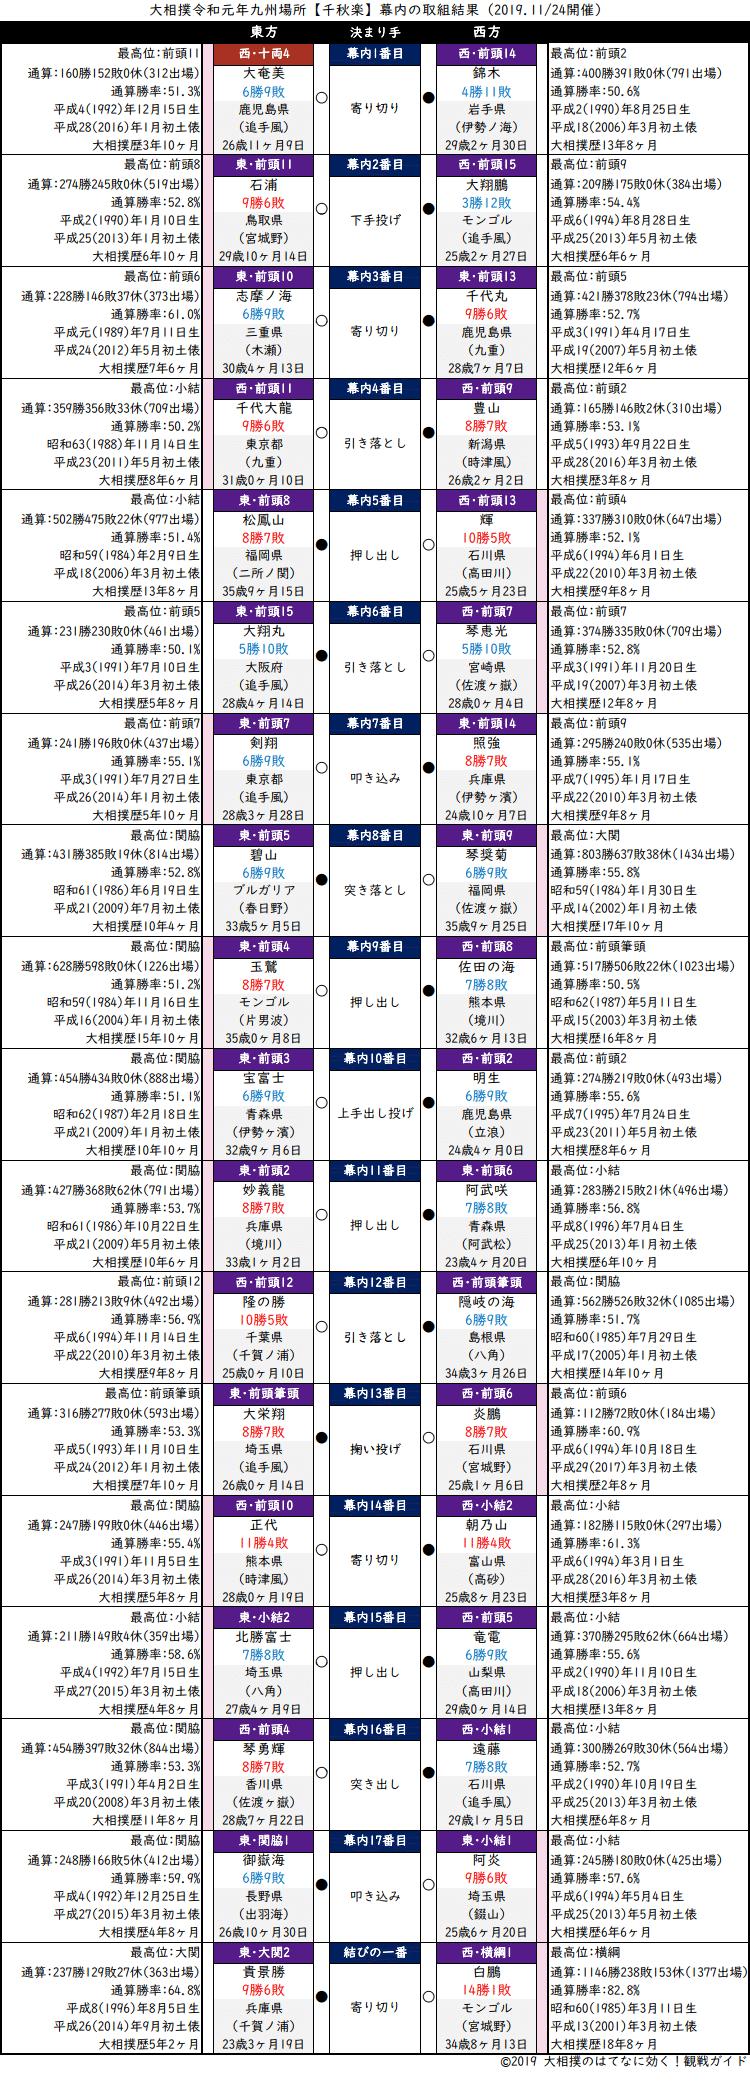 大相撲・2019年11月場所千秋楽の取組結果